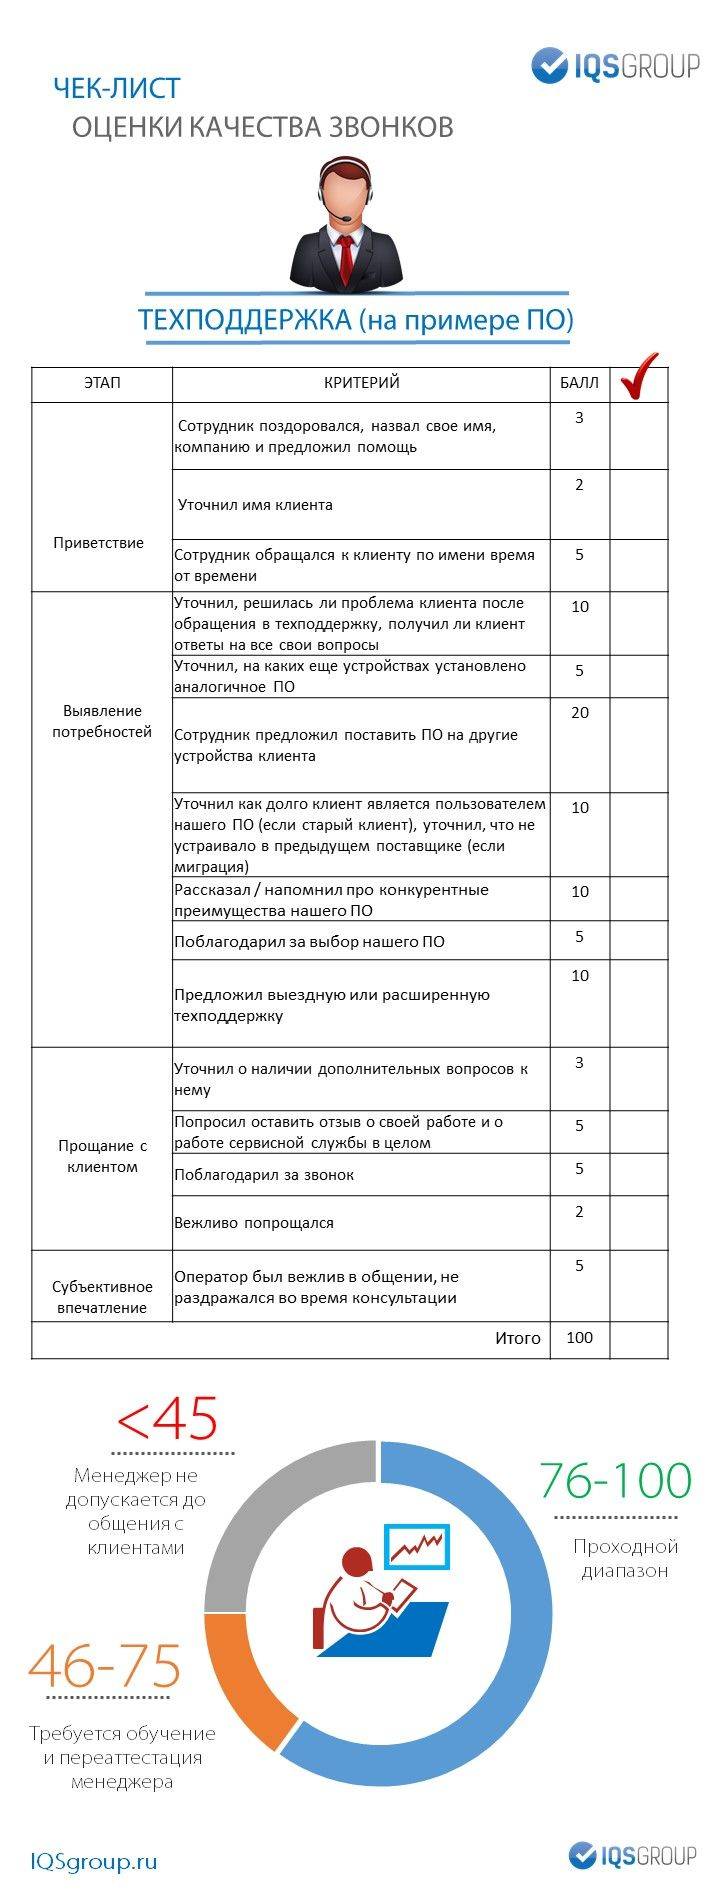 Чек-лист контроля операторов техподдержки на примере поставщика ПО